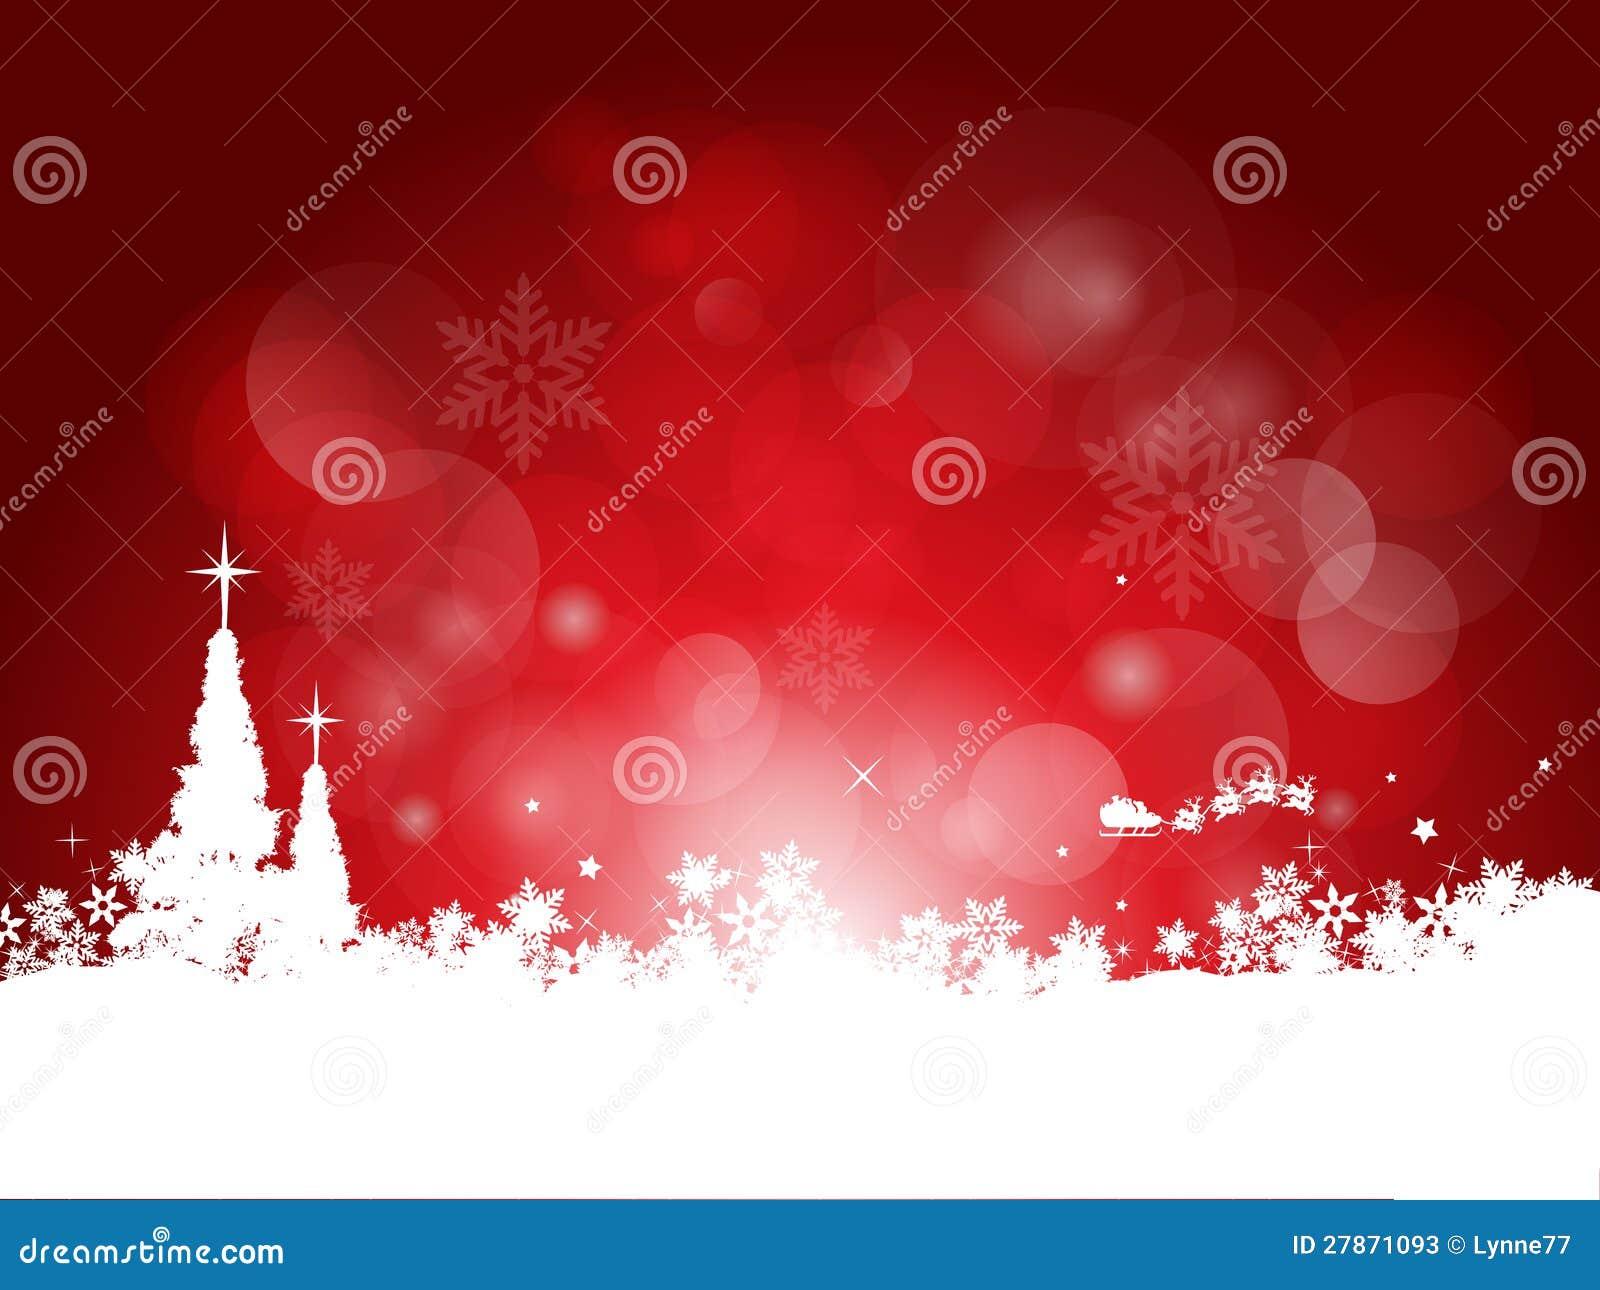 红色圣诞节背景图片